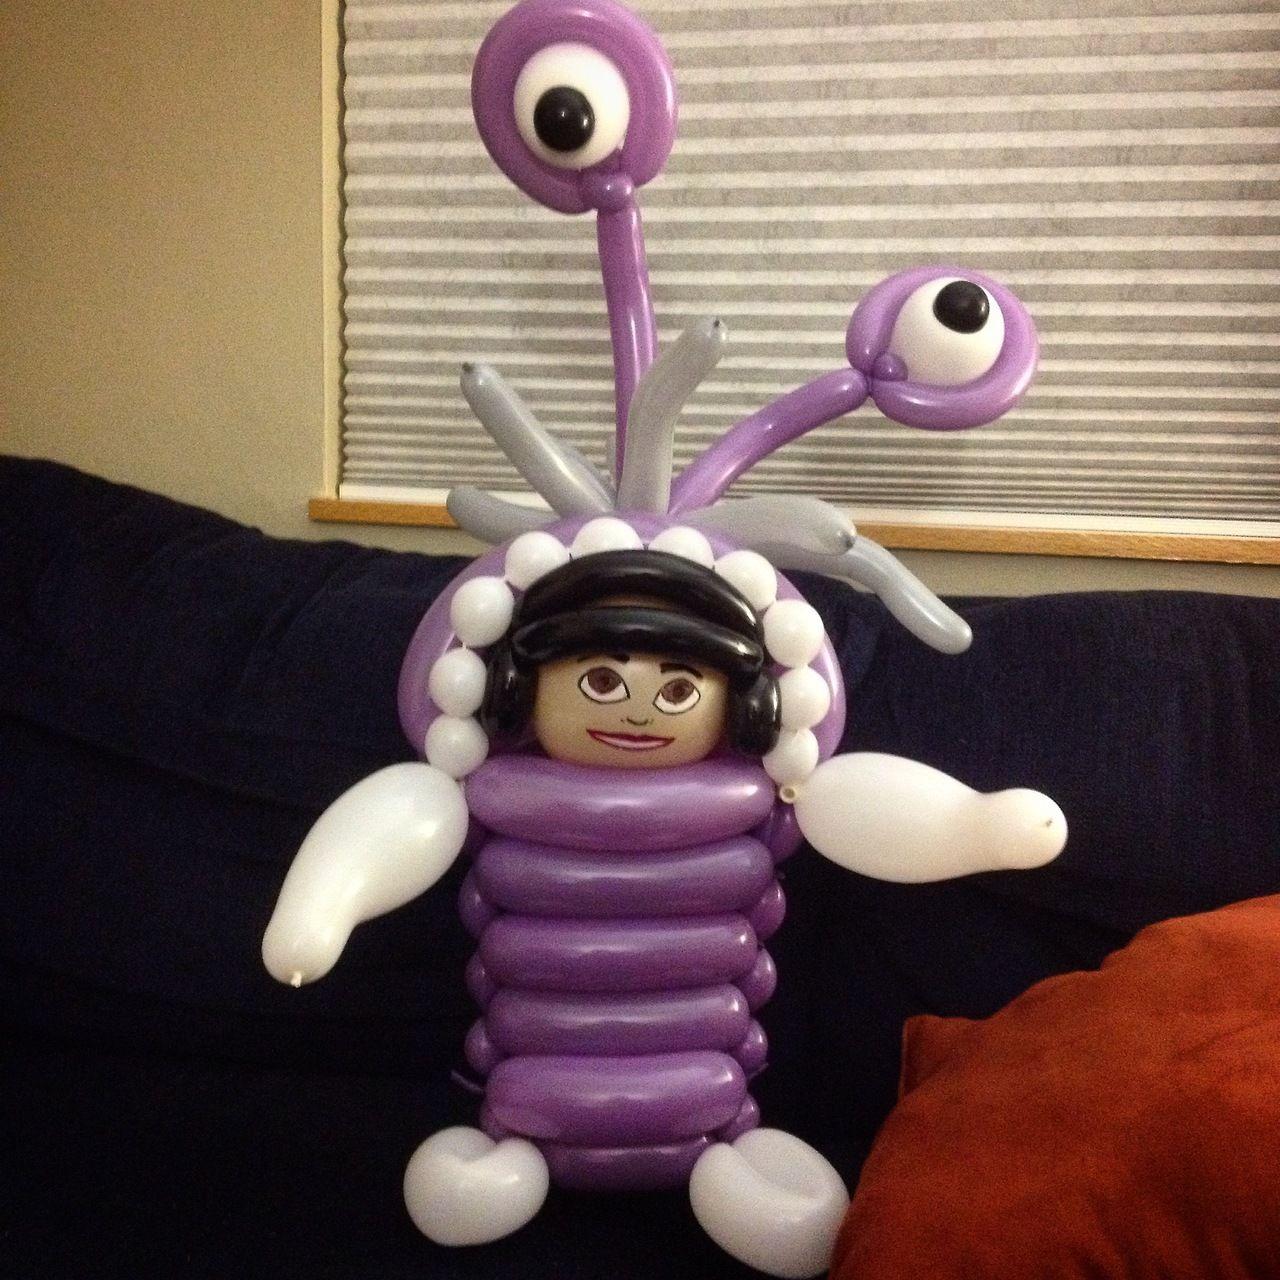 Boo de Monstruos S.a. con globos   -    Balloons Boo (Disney's MonstersInc)